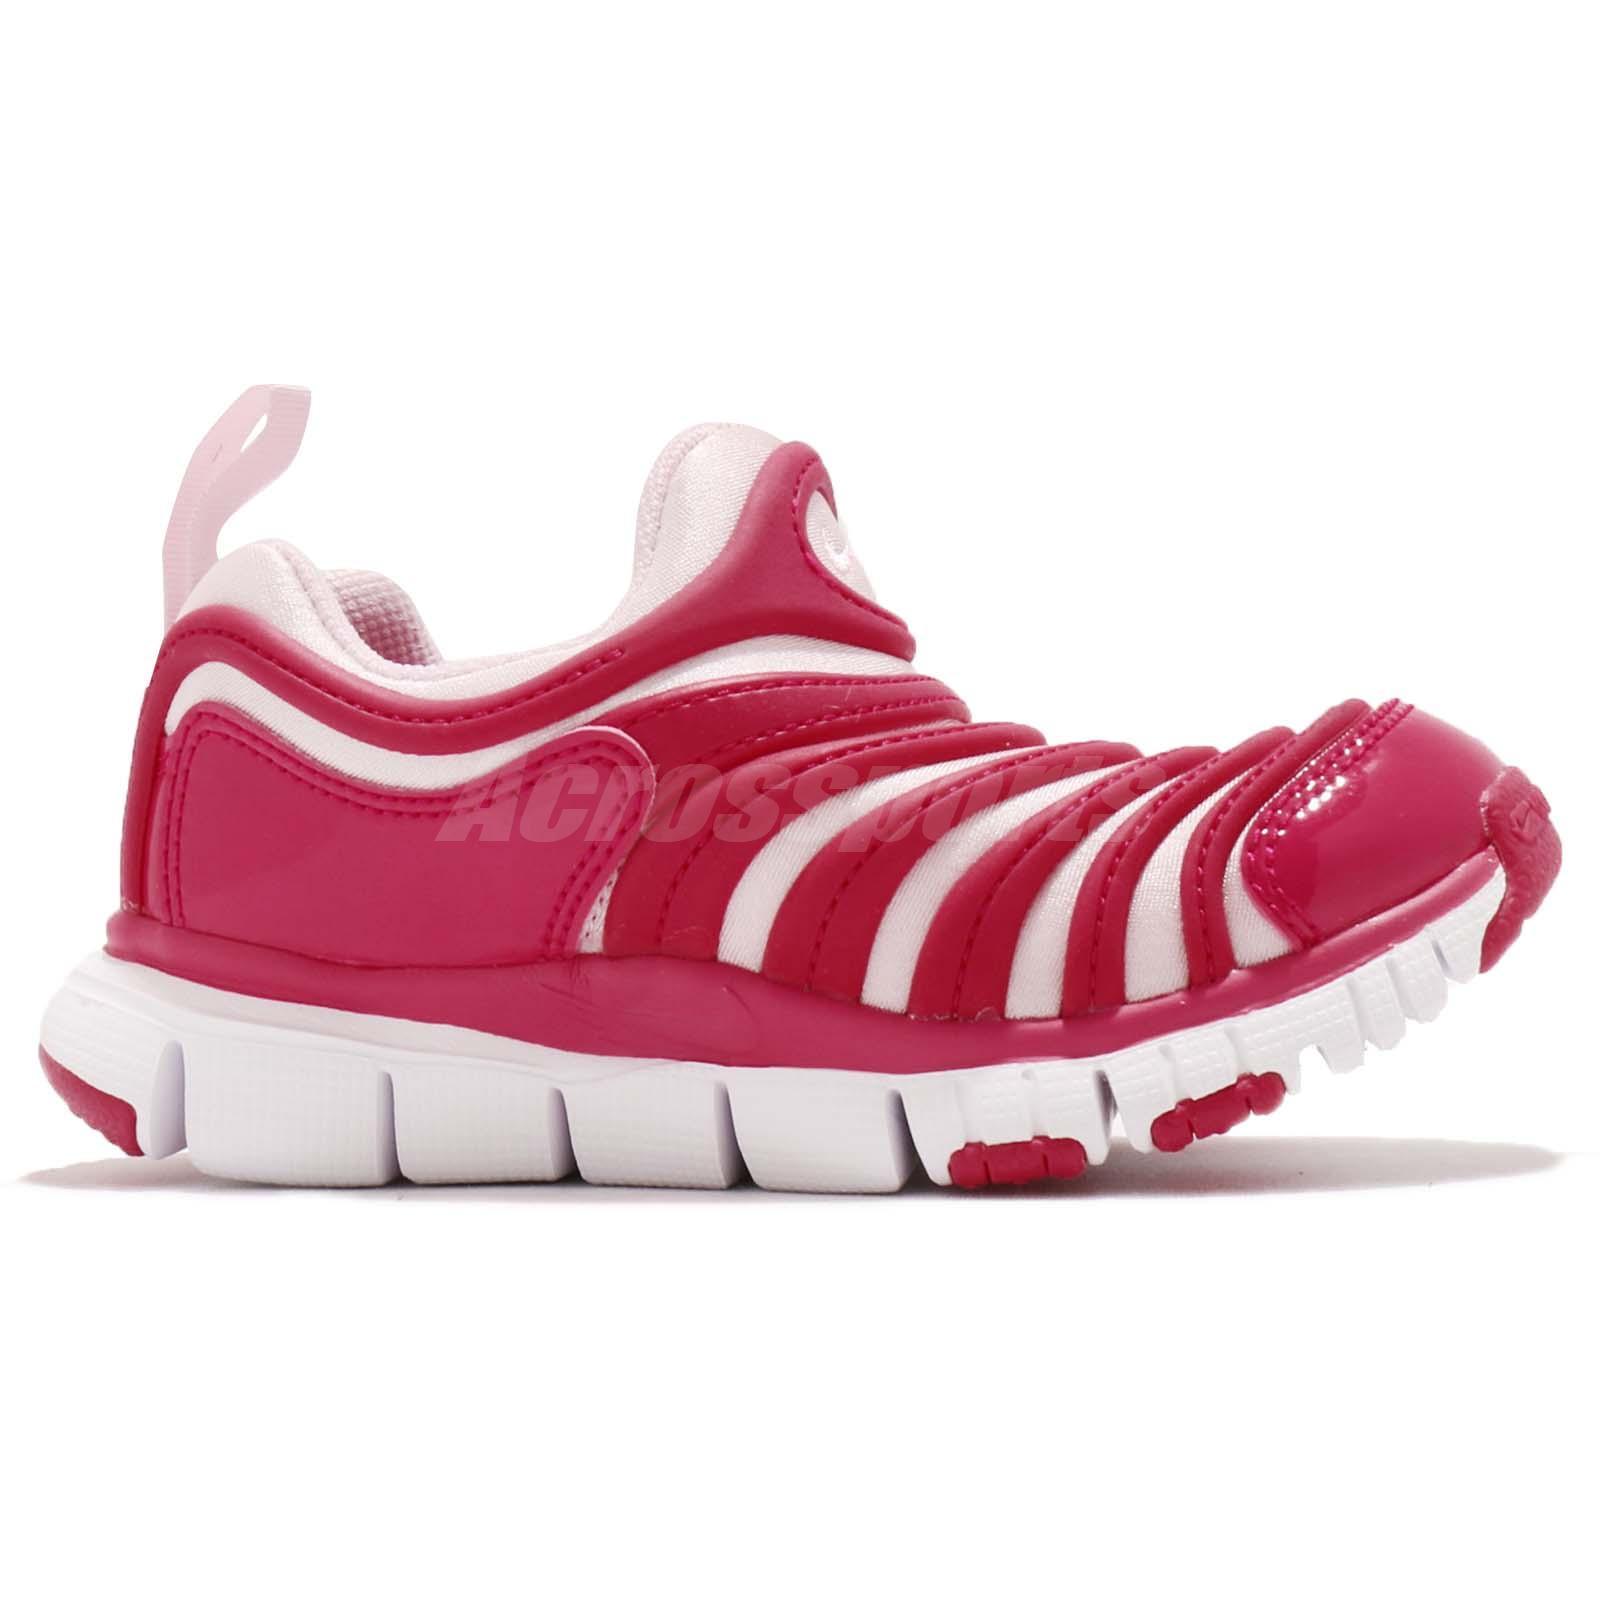 0e1e69169448 Nike Dynamo Free PS Pink White Preschool Girls Running Shoes ...